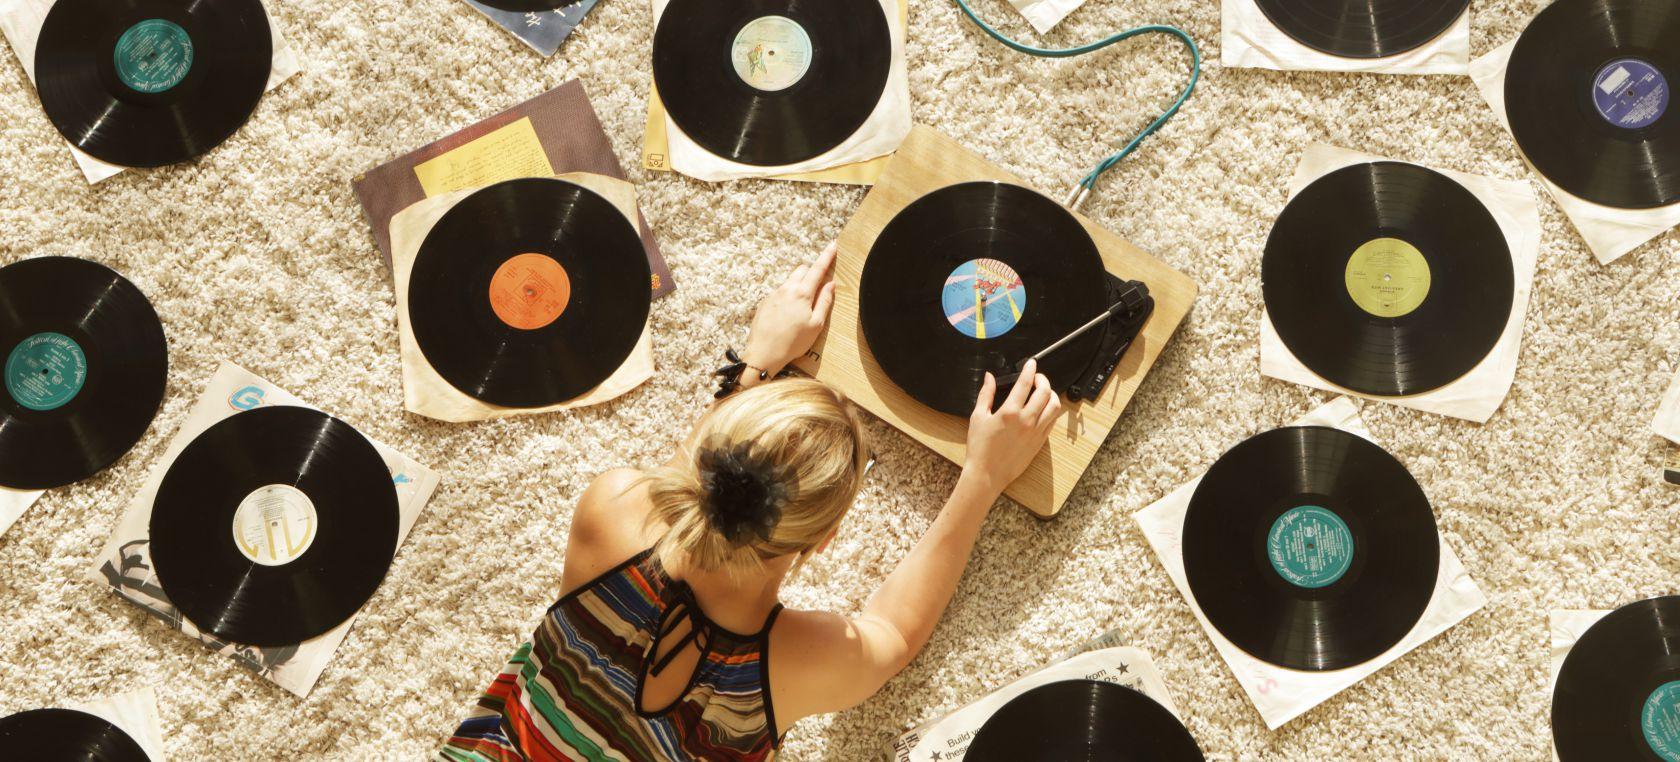 Las ventas de vinilos, cada vez más cerca de superar a las de CDs en España